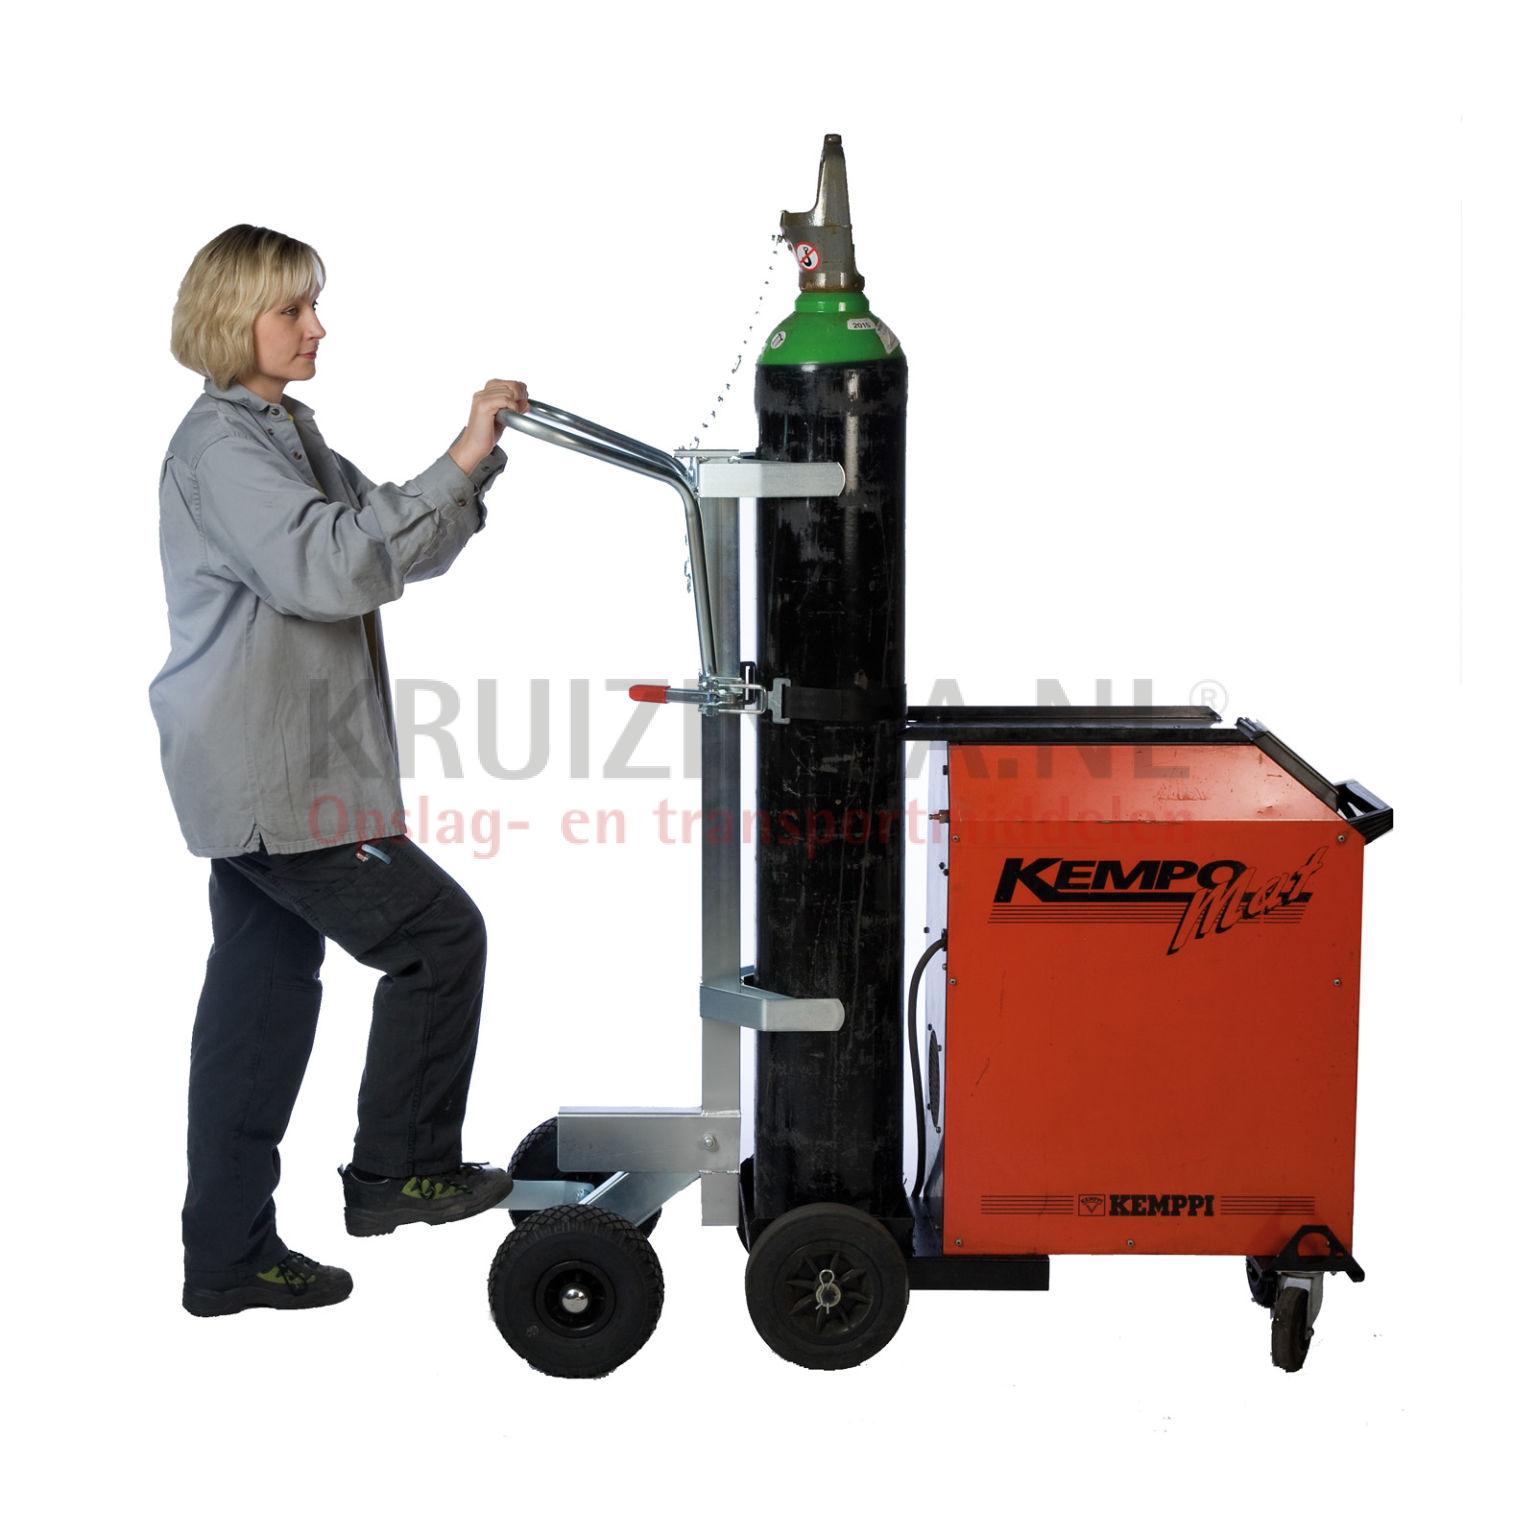 box stockage pour des bouteilles gaz chariot porte bouteilles gaz pour 1 bouteille 230 mm. Black Bedroom Furniture Sets. Home Design Ideas